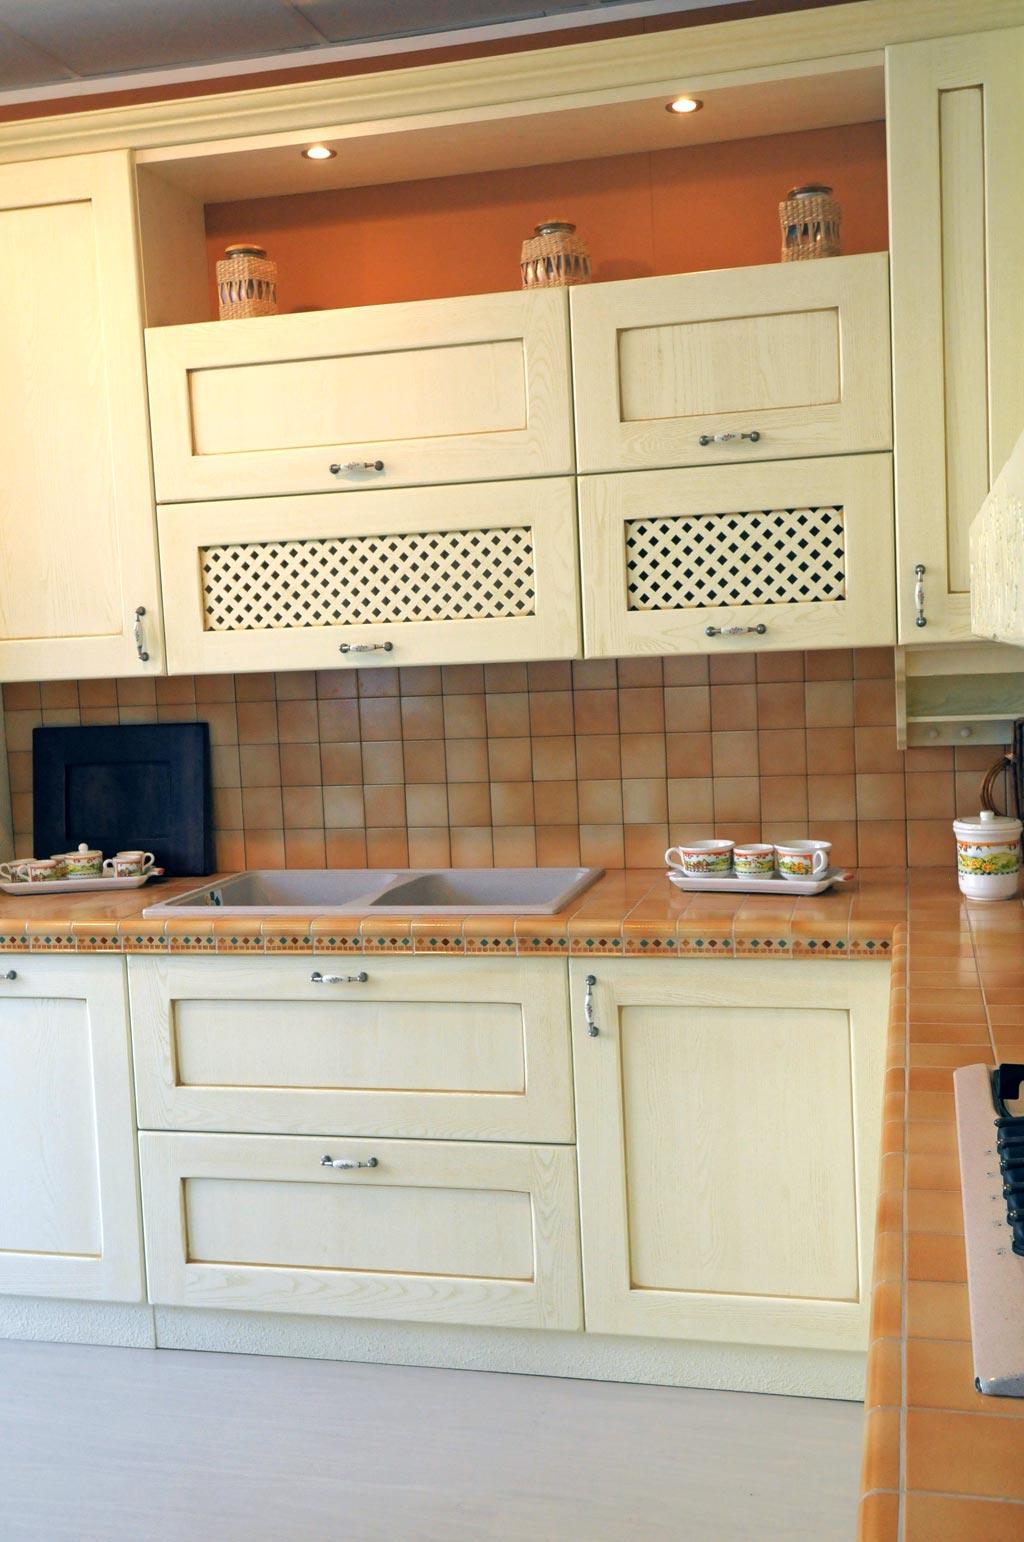 Altezza top cucina altezza cucina top altezza lavabo - Altezza top cucina ...